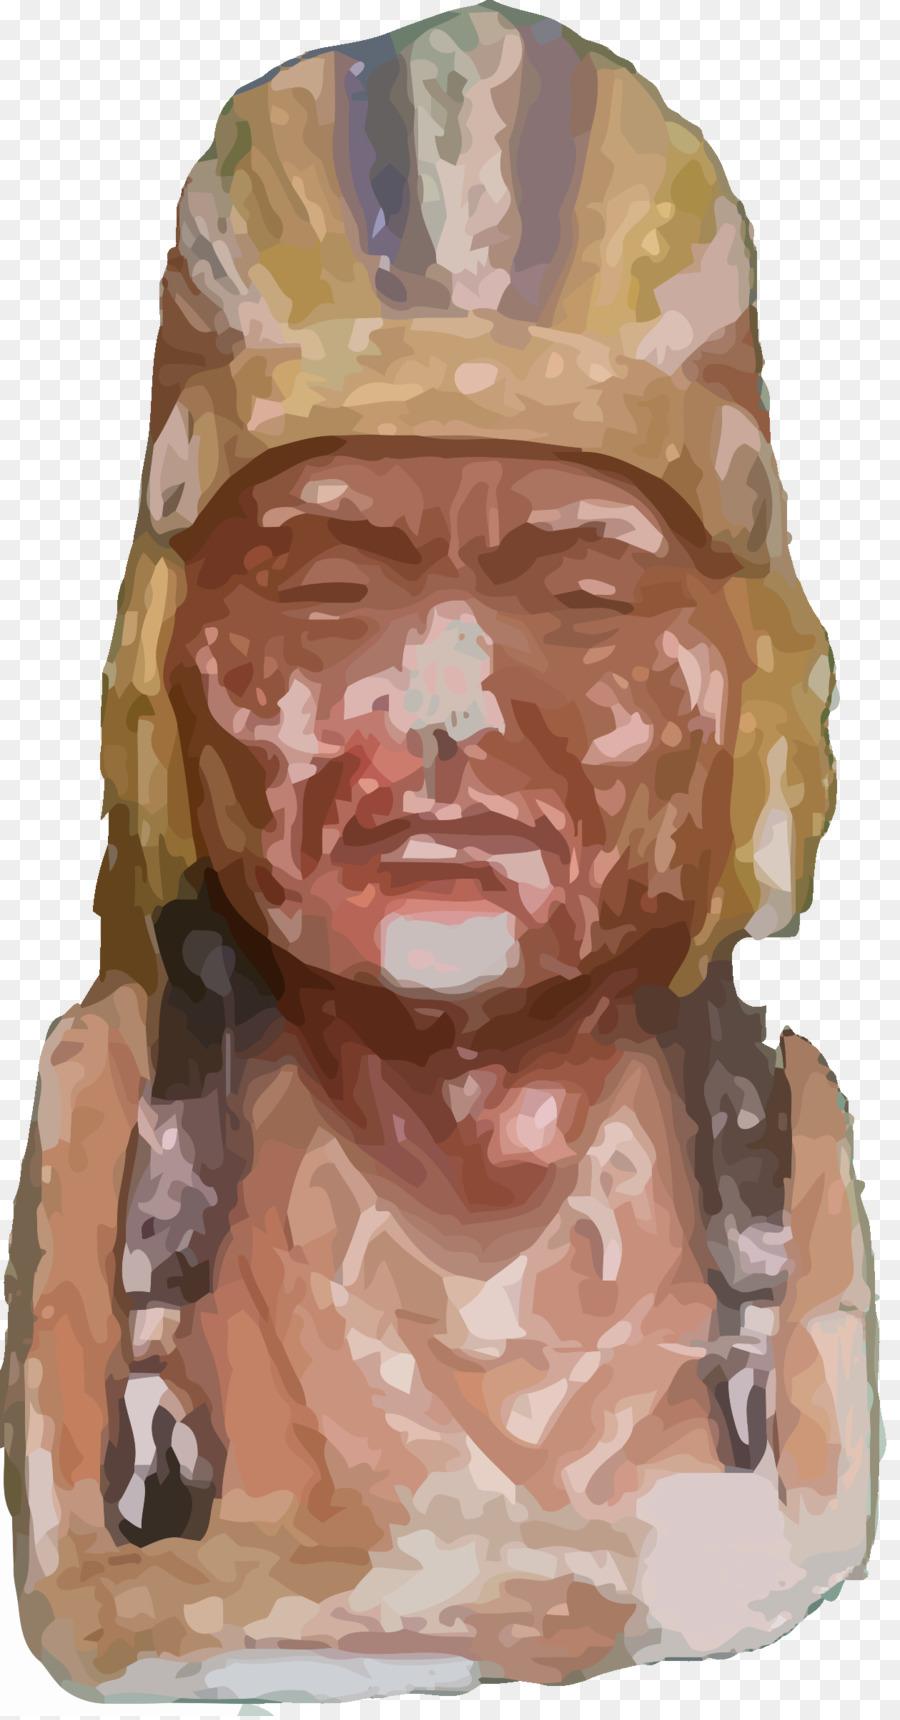 Statue clipart Statue Clip art